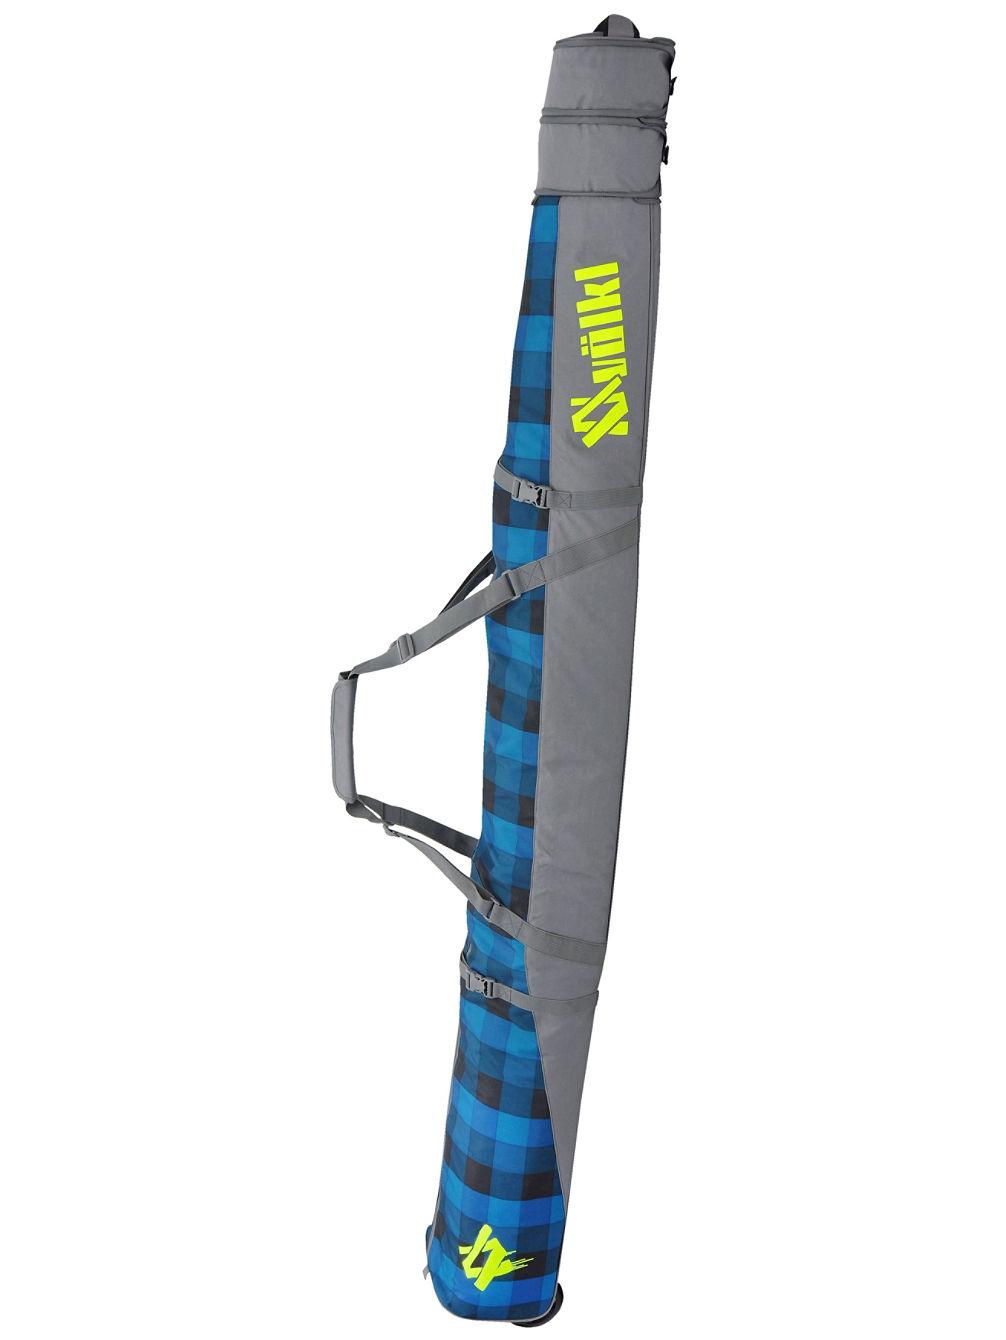 Free Double Wheel 188 Ski Bag